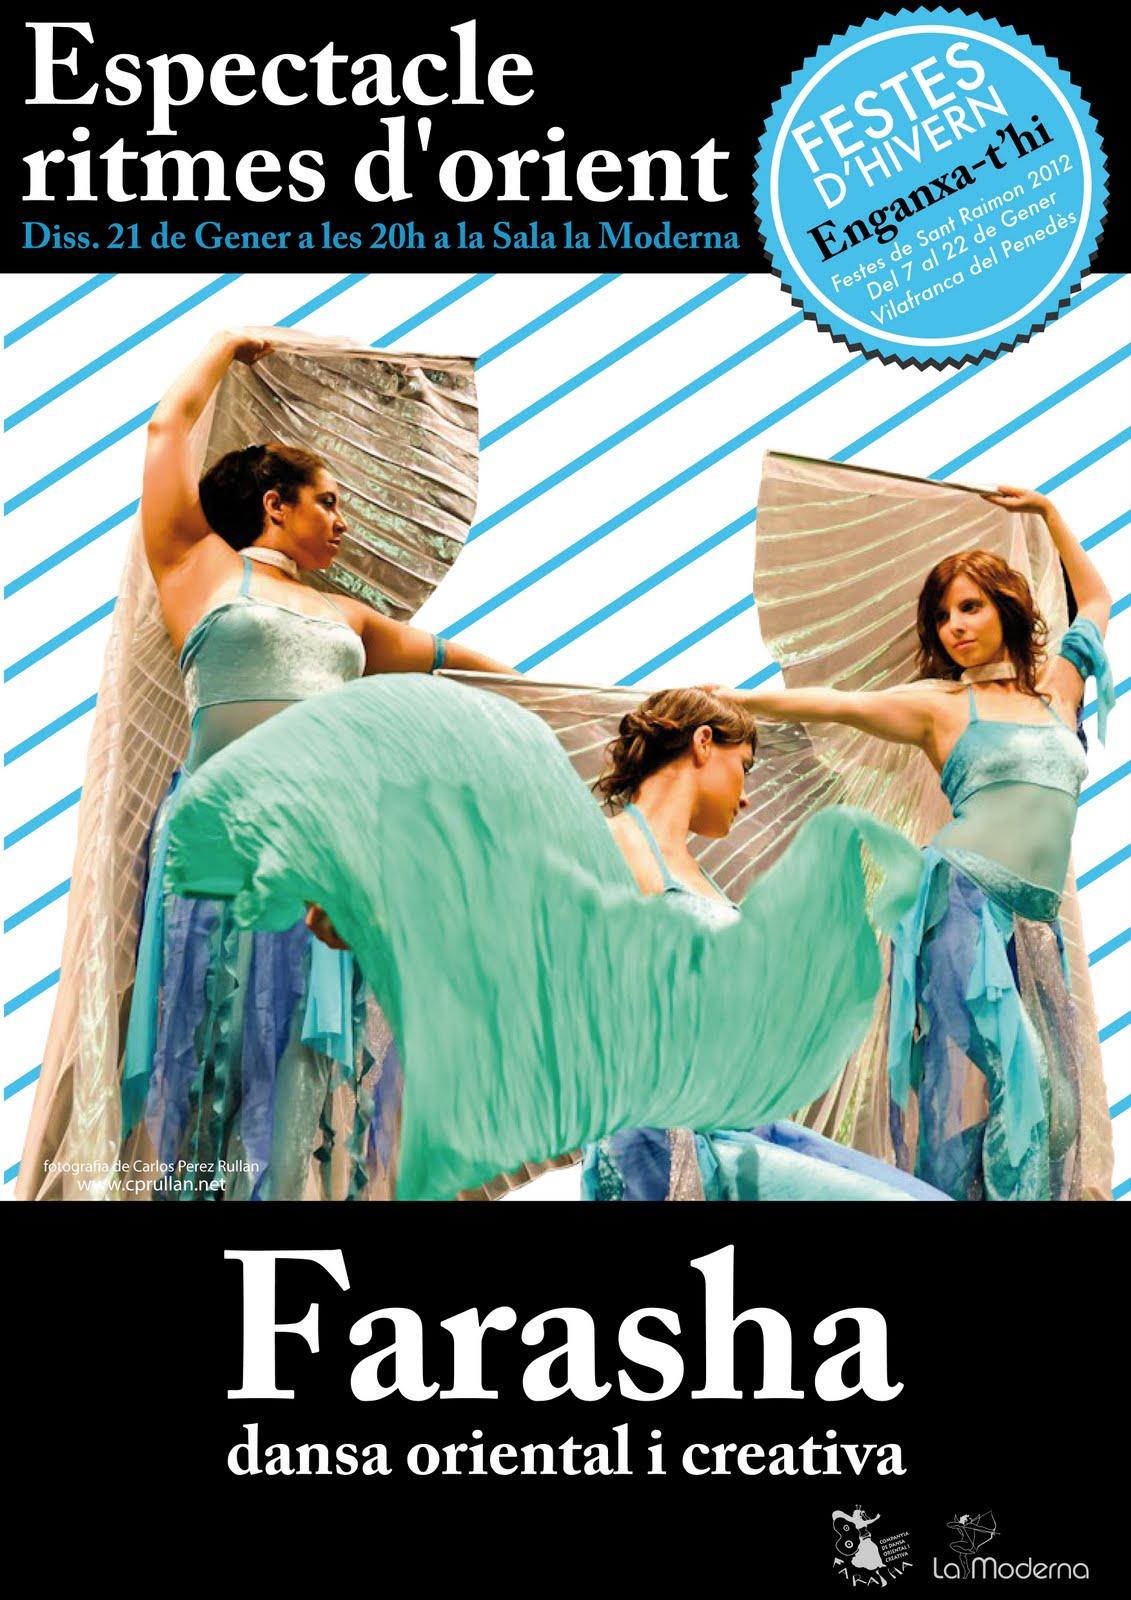 Farasha, dansa oriental i creativa: de gener 2012